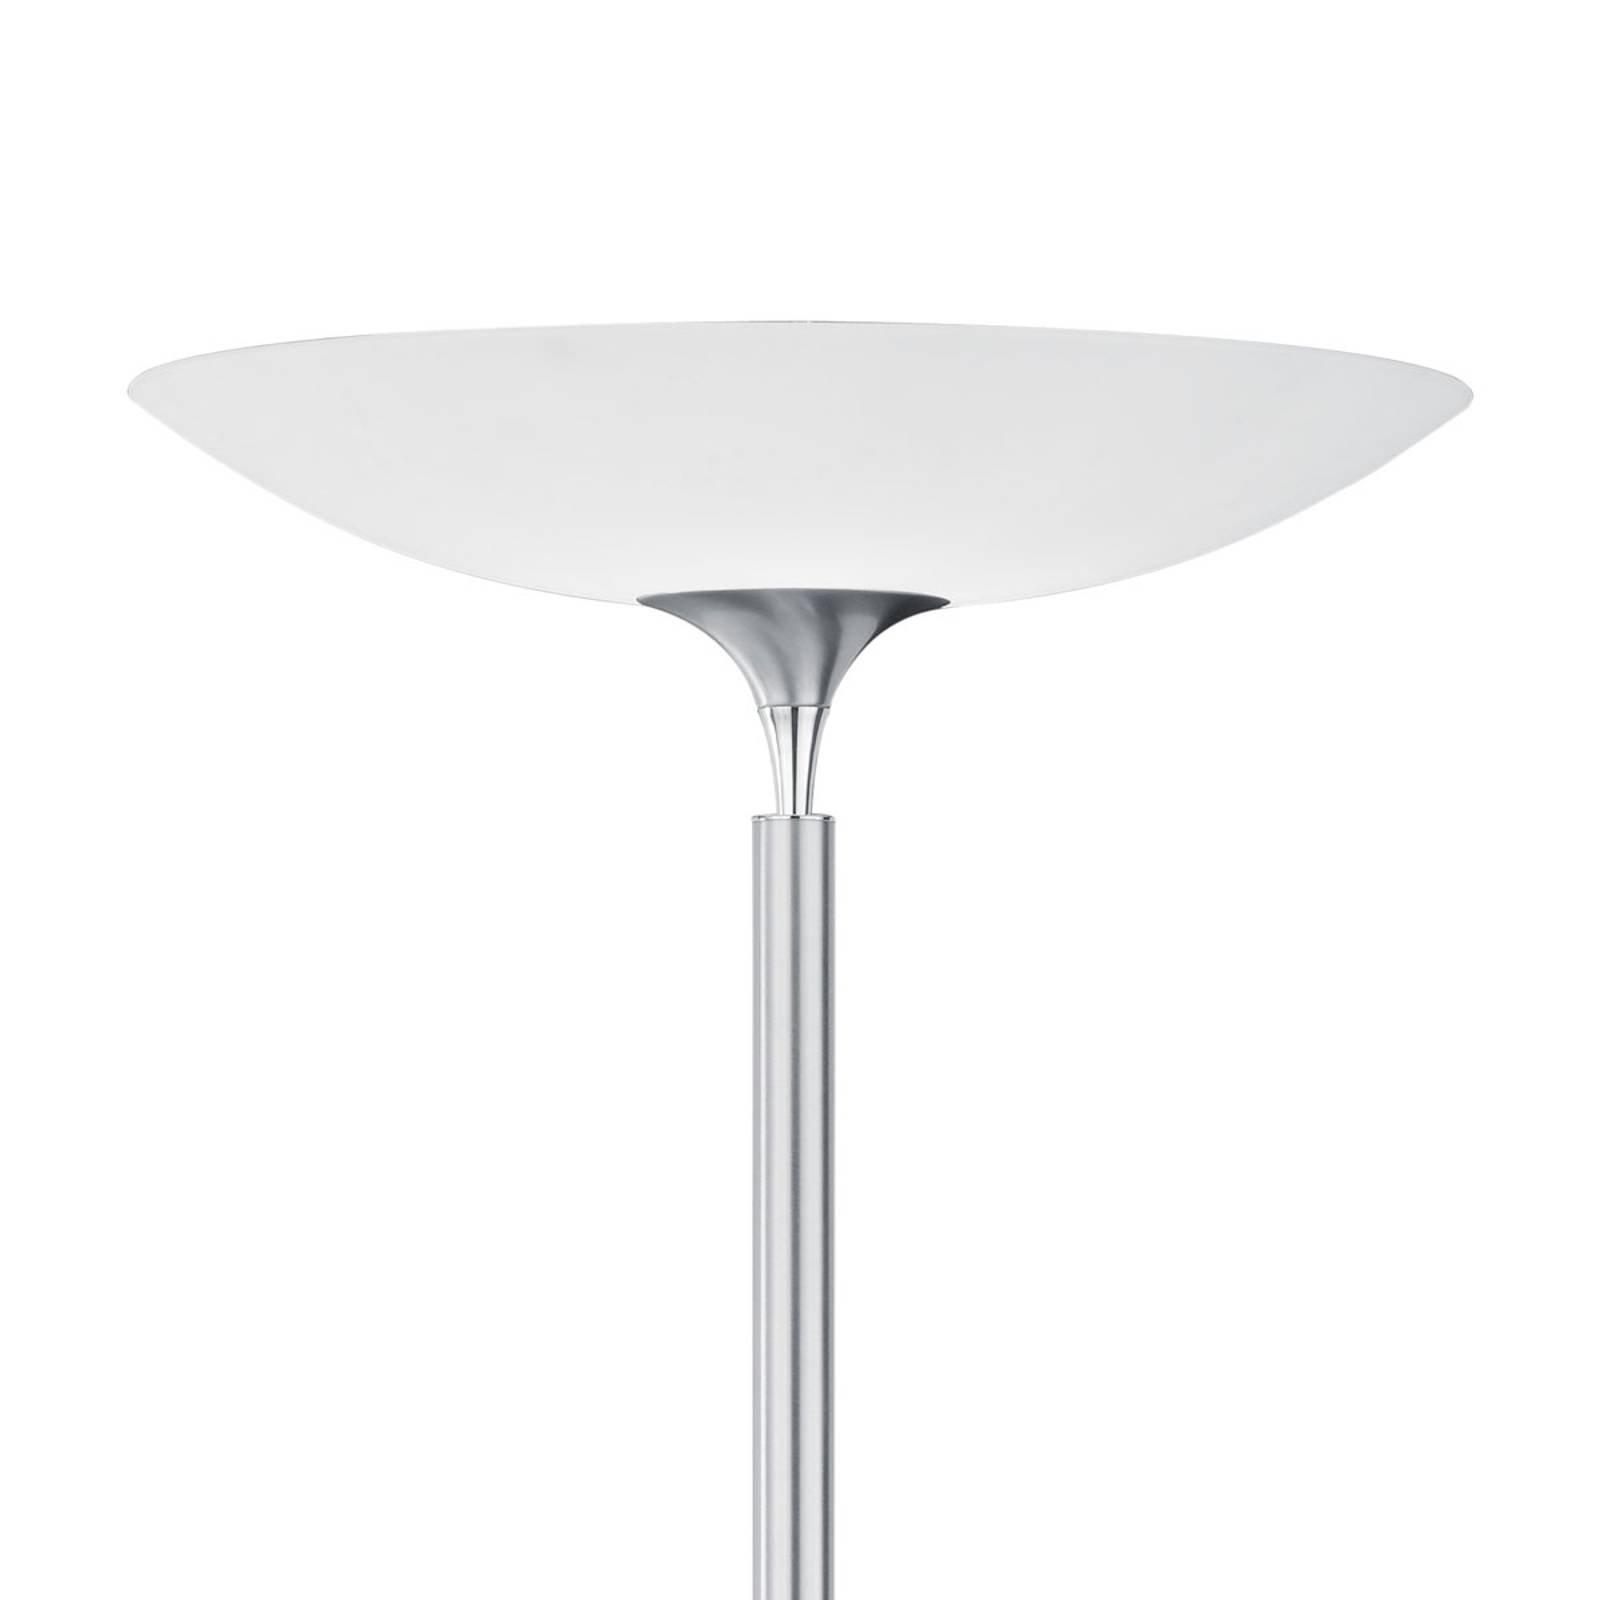 BANKAMP Opera LED-uplight tastedimmer, nikkel